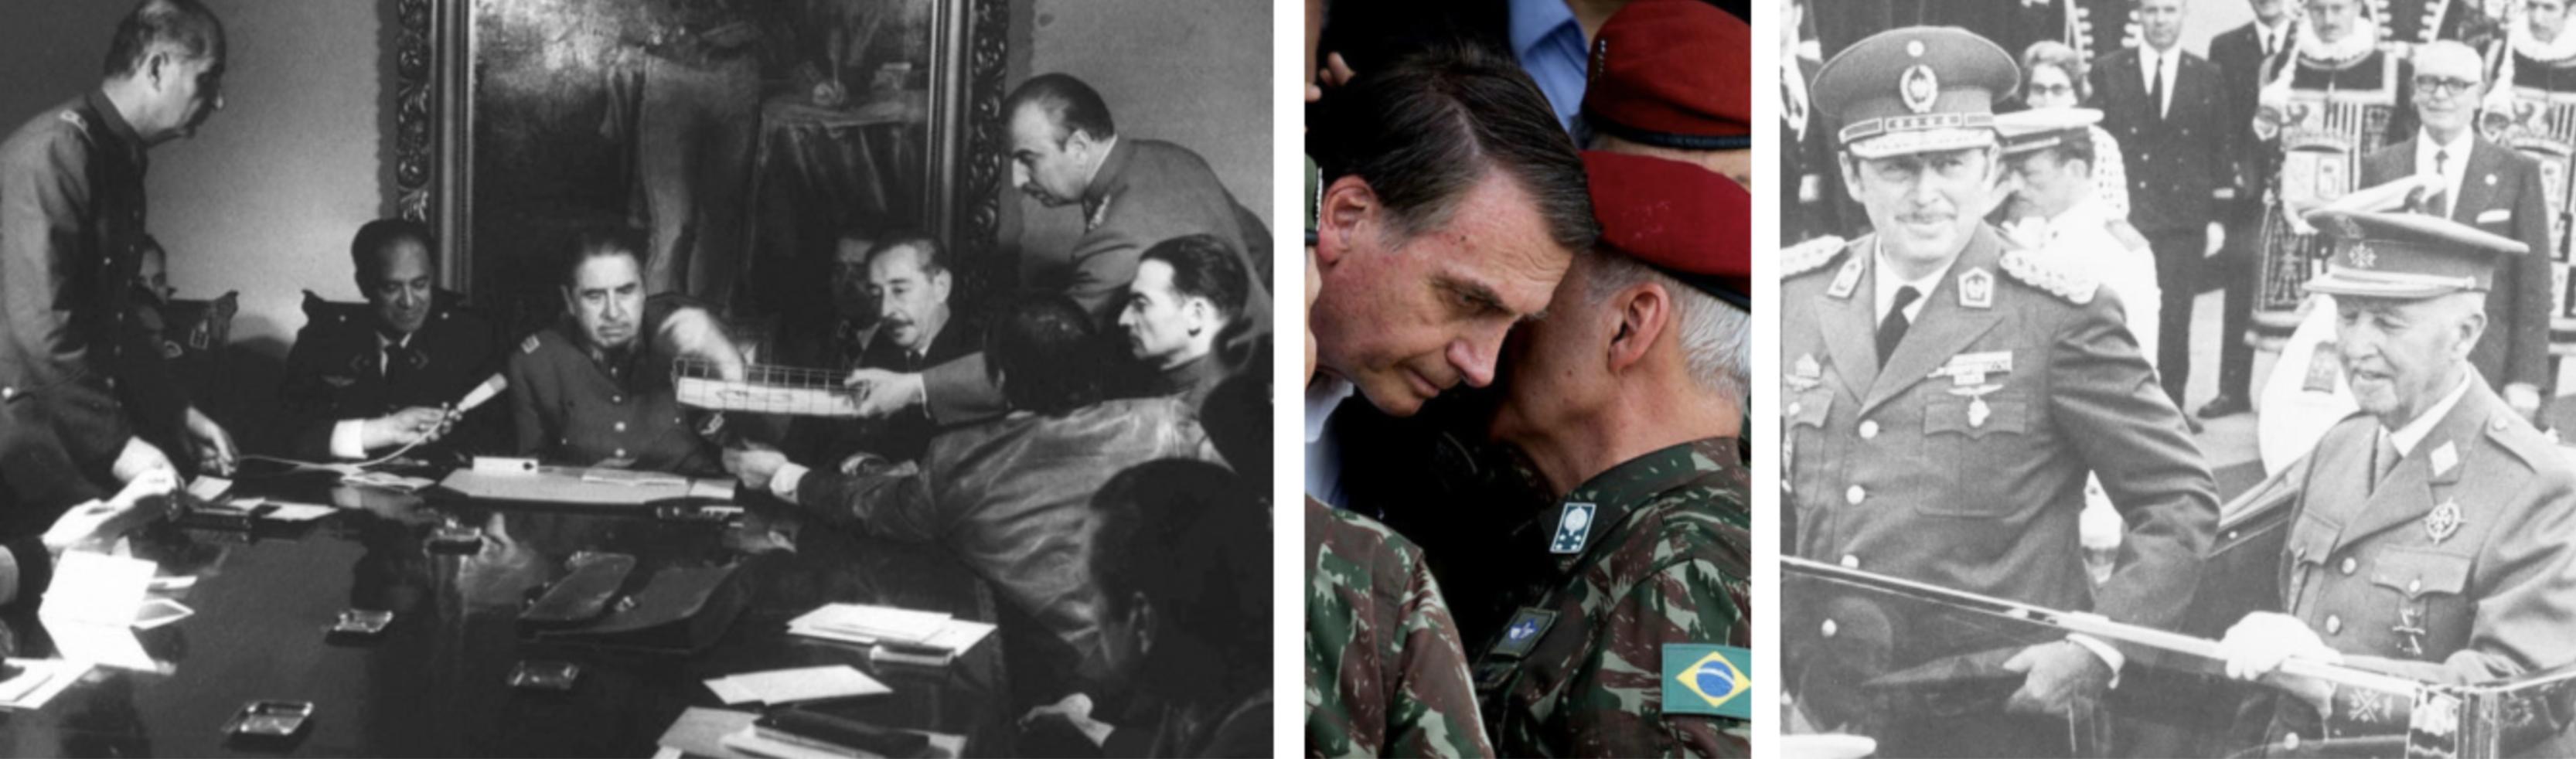 Bolsonaro agora passa vergonha no Chile, depois de elogiar governo assassino de Pinochet; vídeo